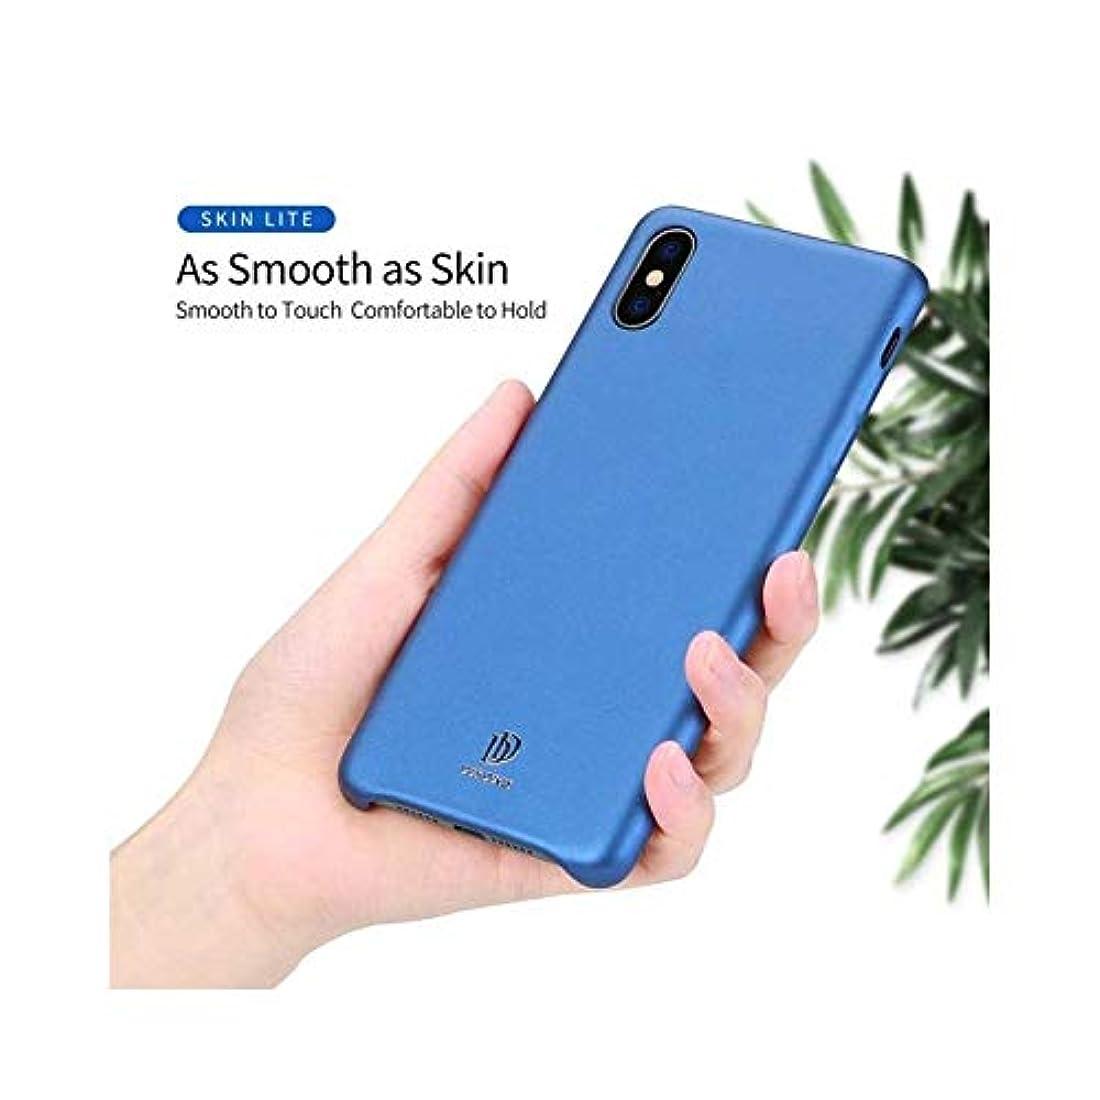 高い混乱させる反抗Tonglilili IPhone6s 7 8のための抵抗力がある電話箱IPhone XS XR MAX Xのための個人化された簡単な電話箱 (Color : 青, Size : IPhone 6 6s)